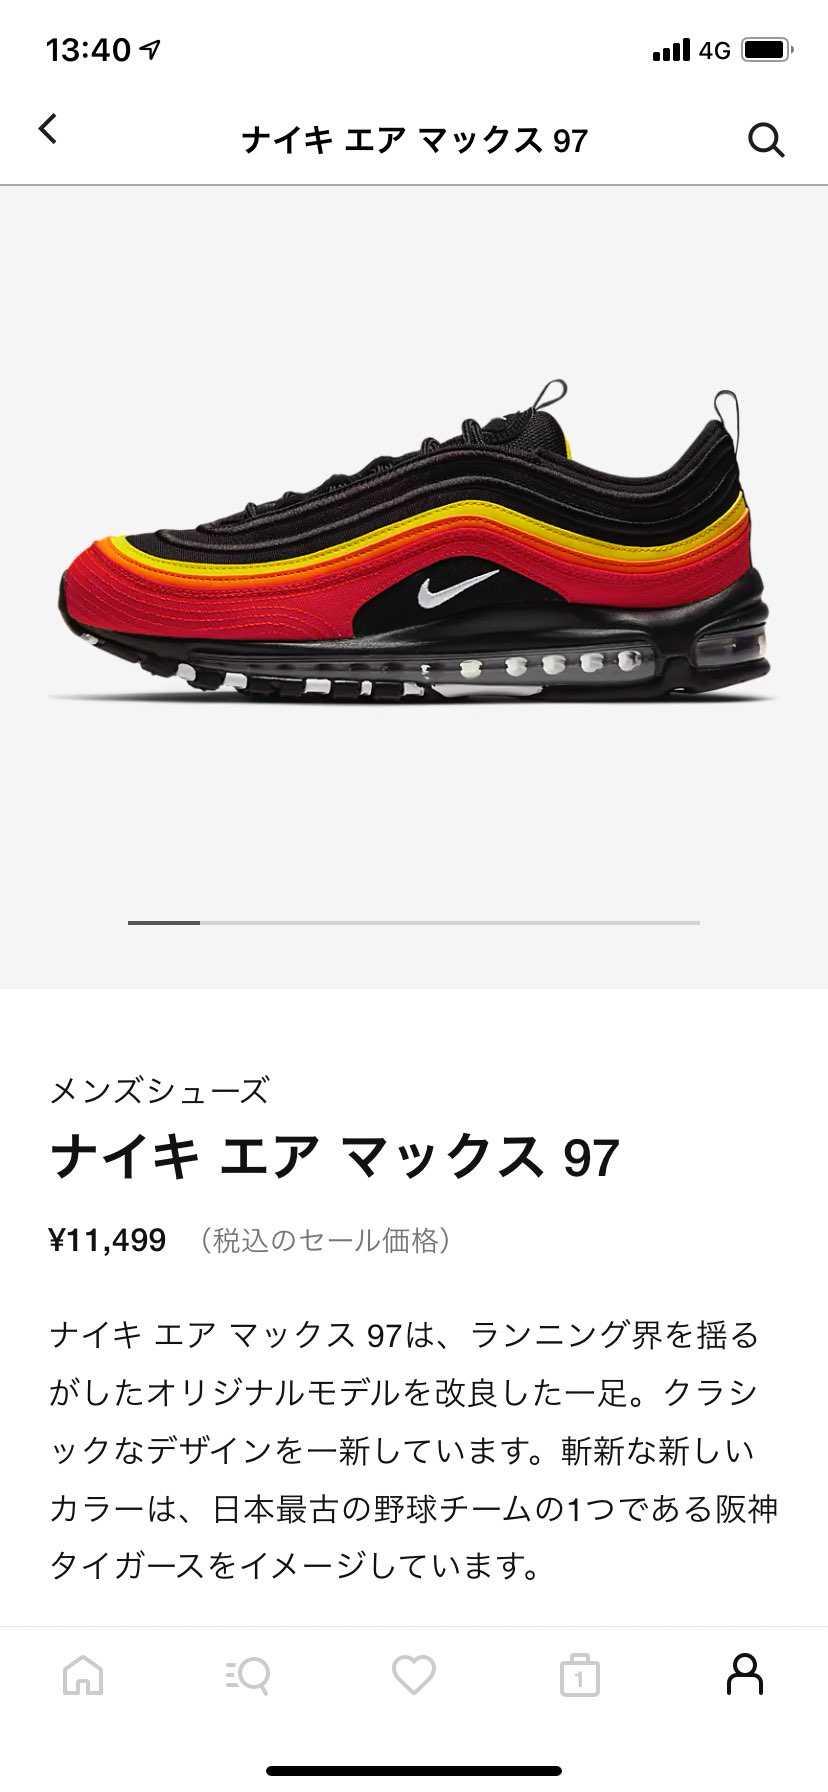 まさかの阪神カラー